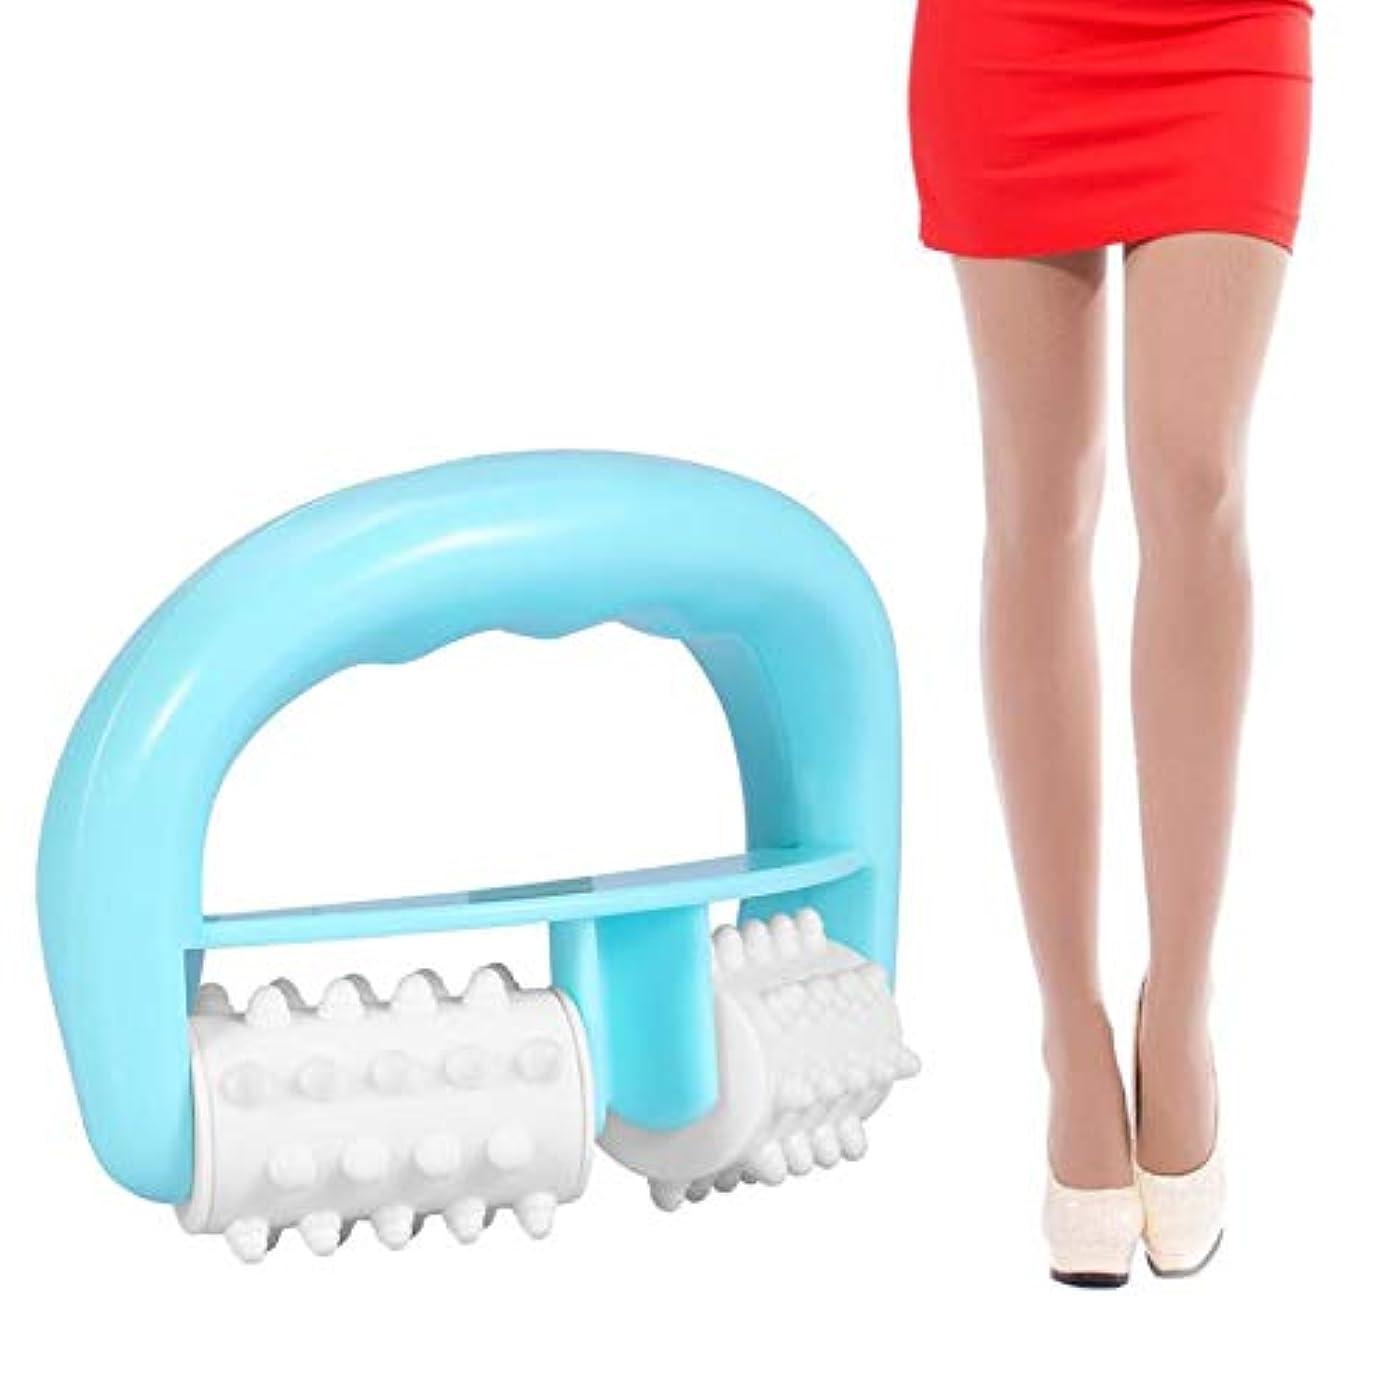 とげのある提案無臭Handle Cell Roller Massager Mini Wheel Ball Slimming Body Leg Foot Hand Neck Fat Cellulite Control Pain Relief Roller Massage